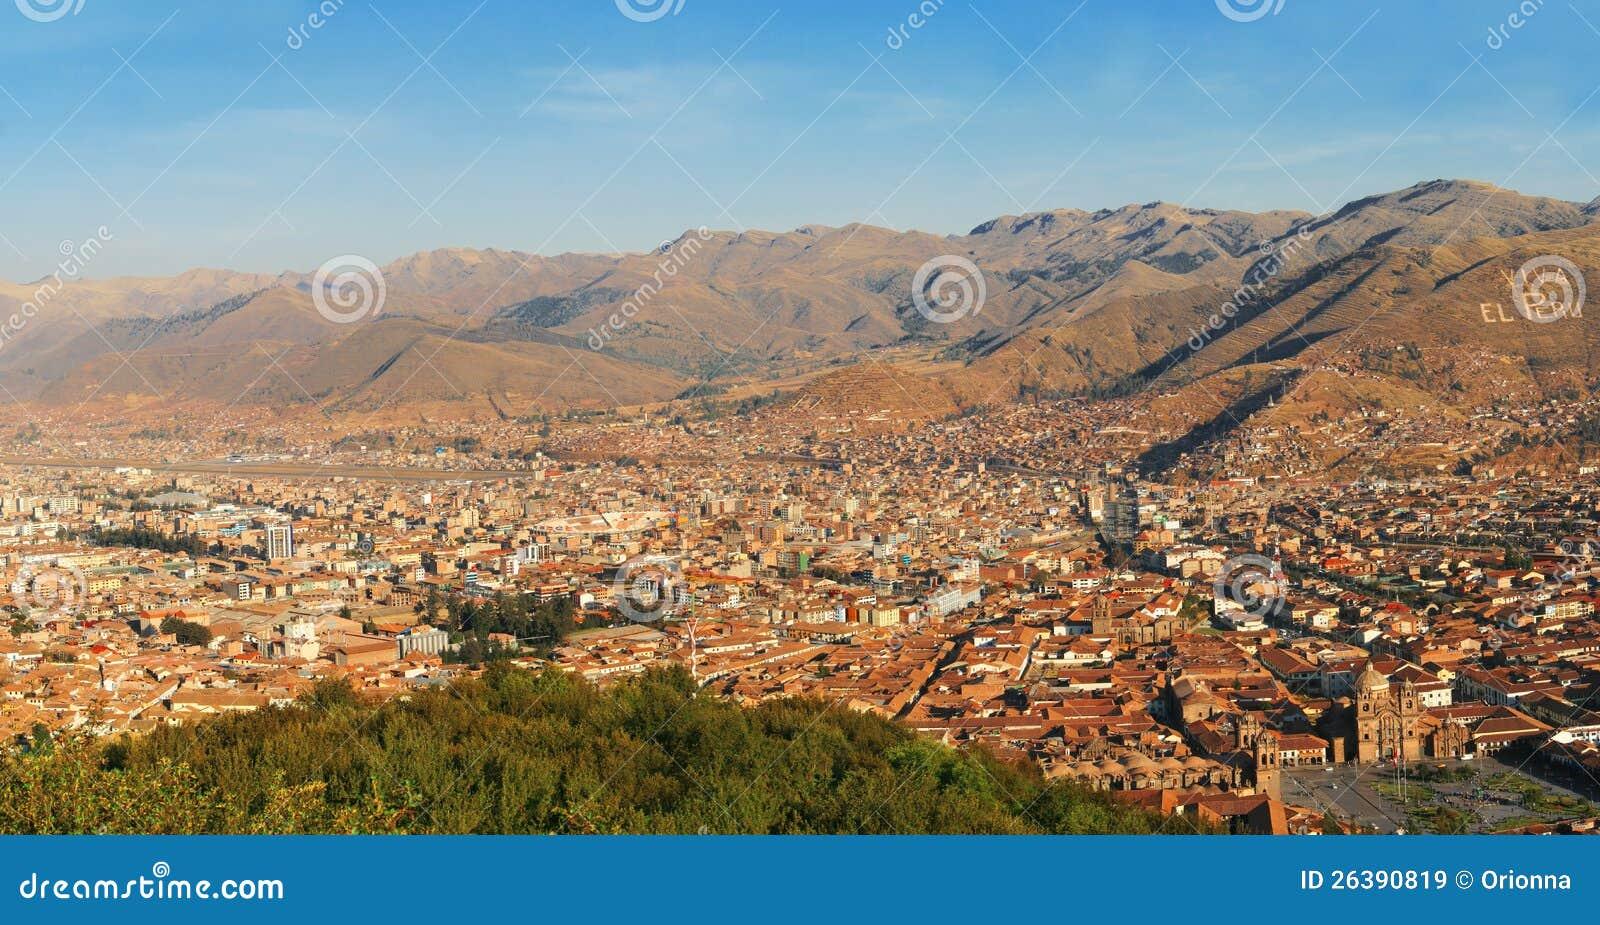 Viva El Peru, Cuzco, Panoramic view